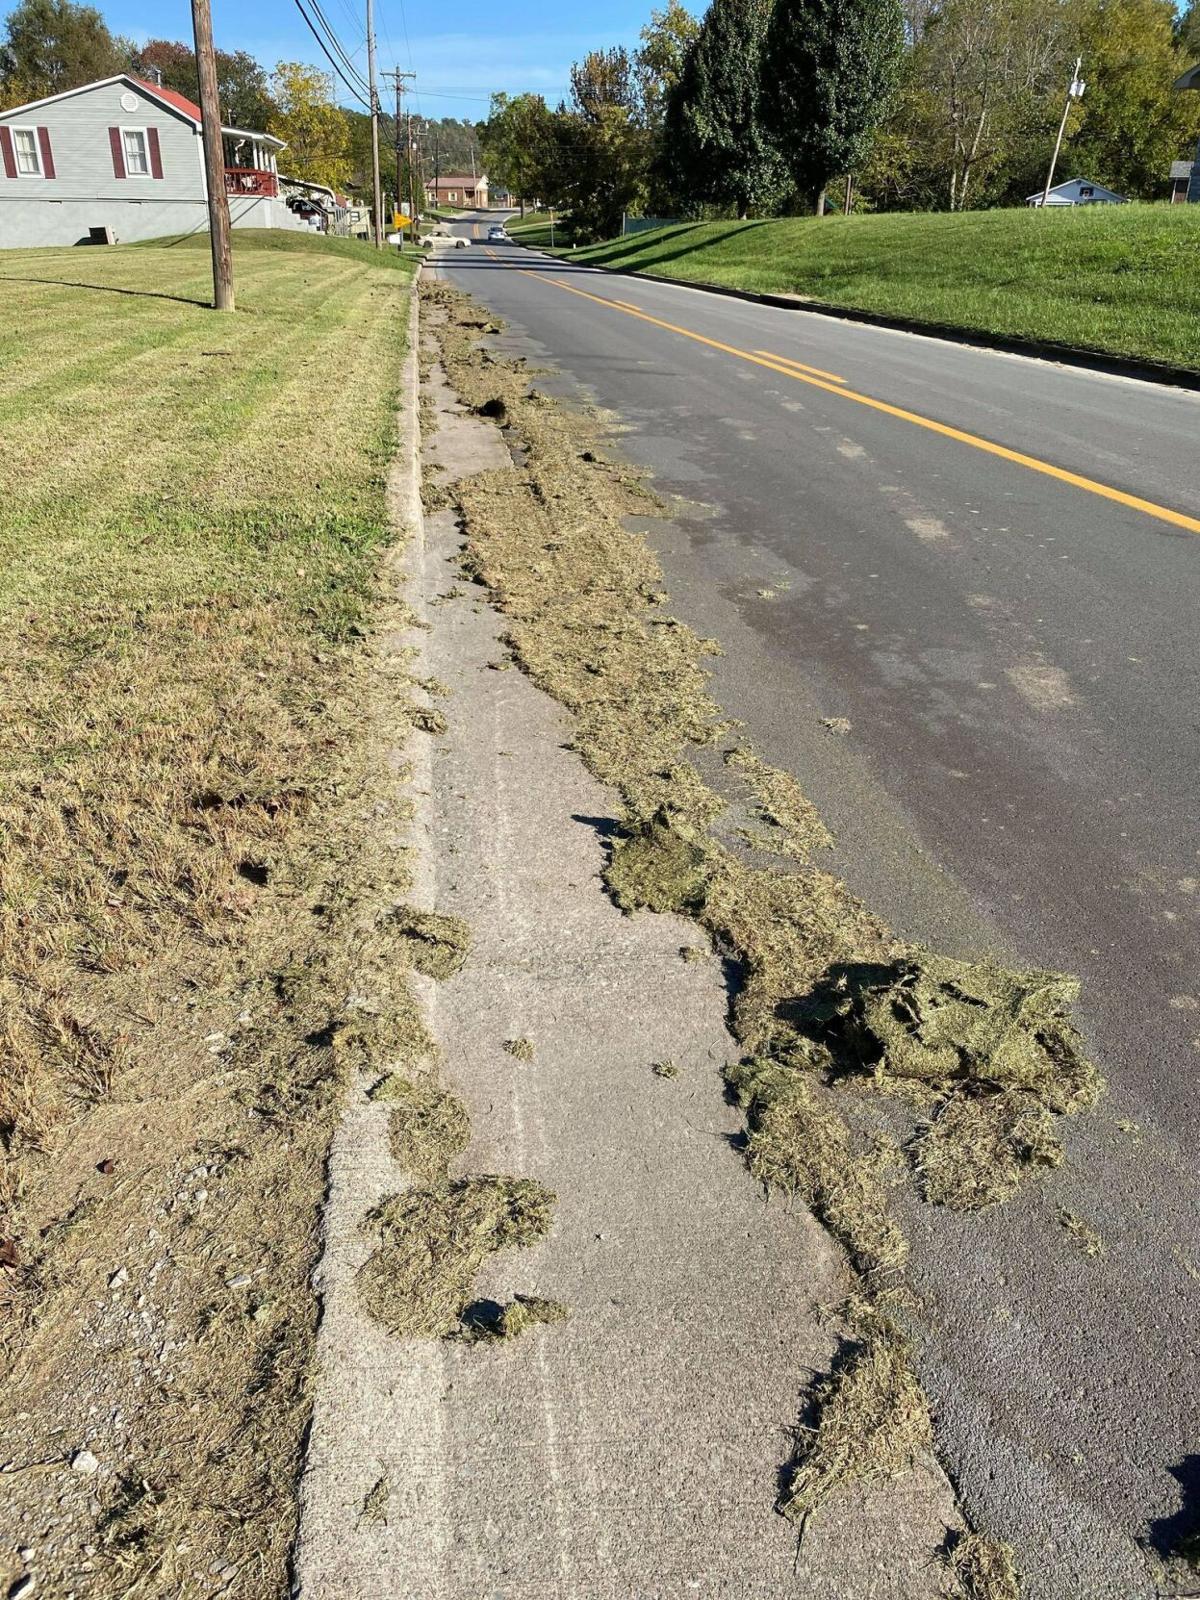 grassy danger1.jpg